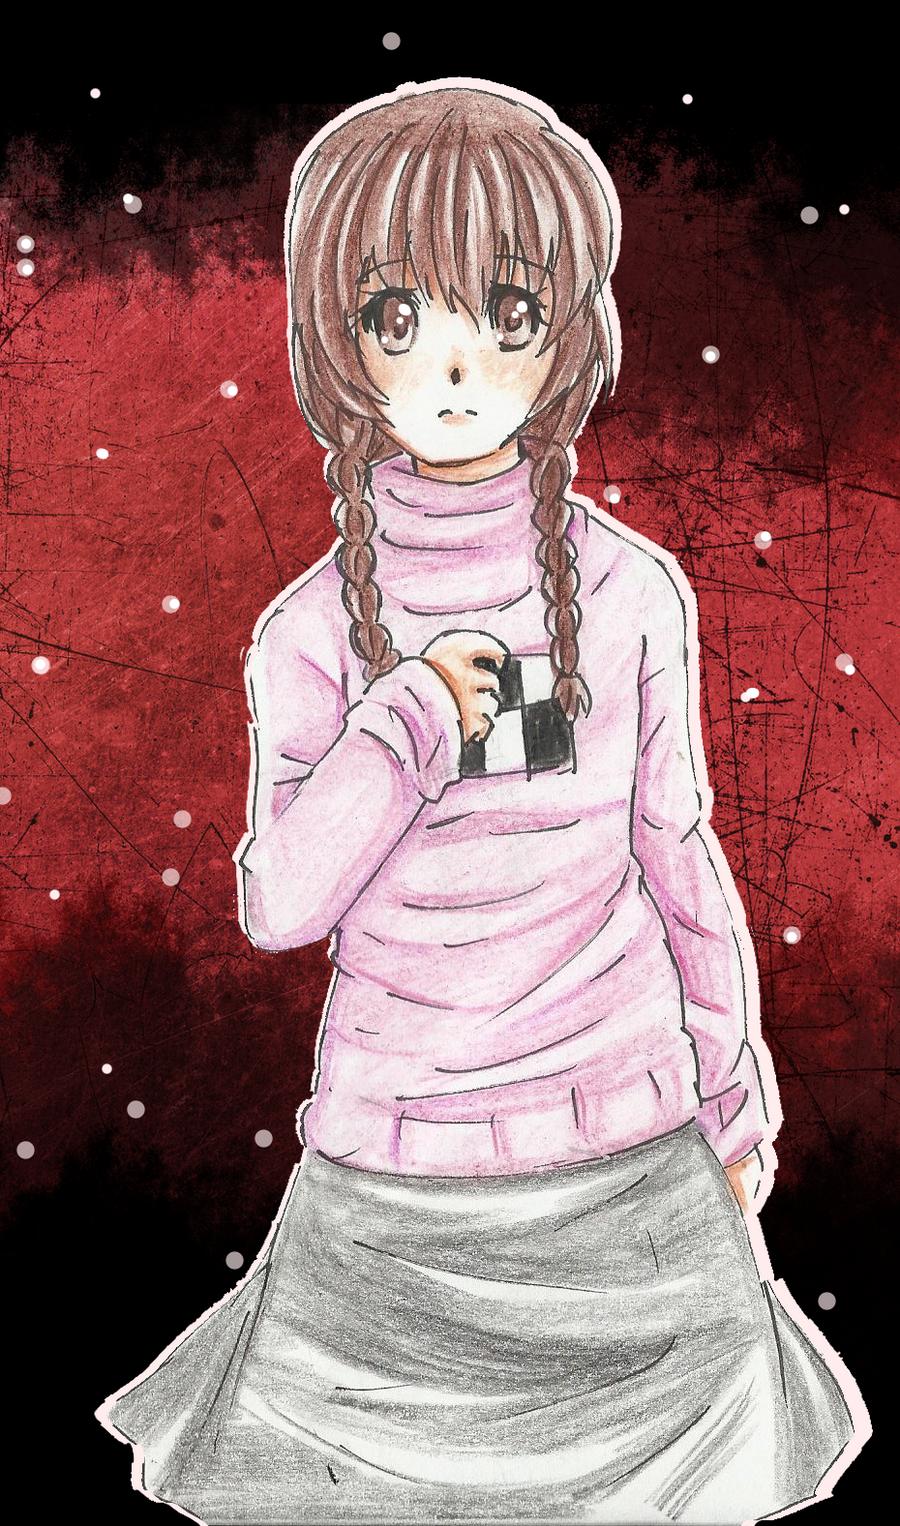 Madotsuki by asamiXD